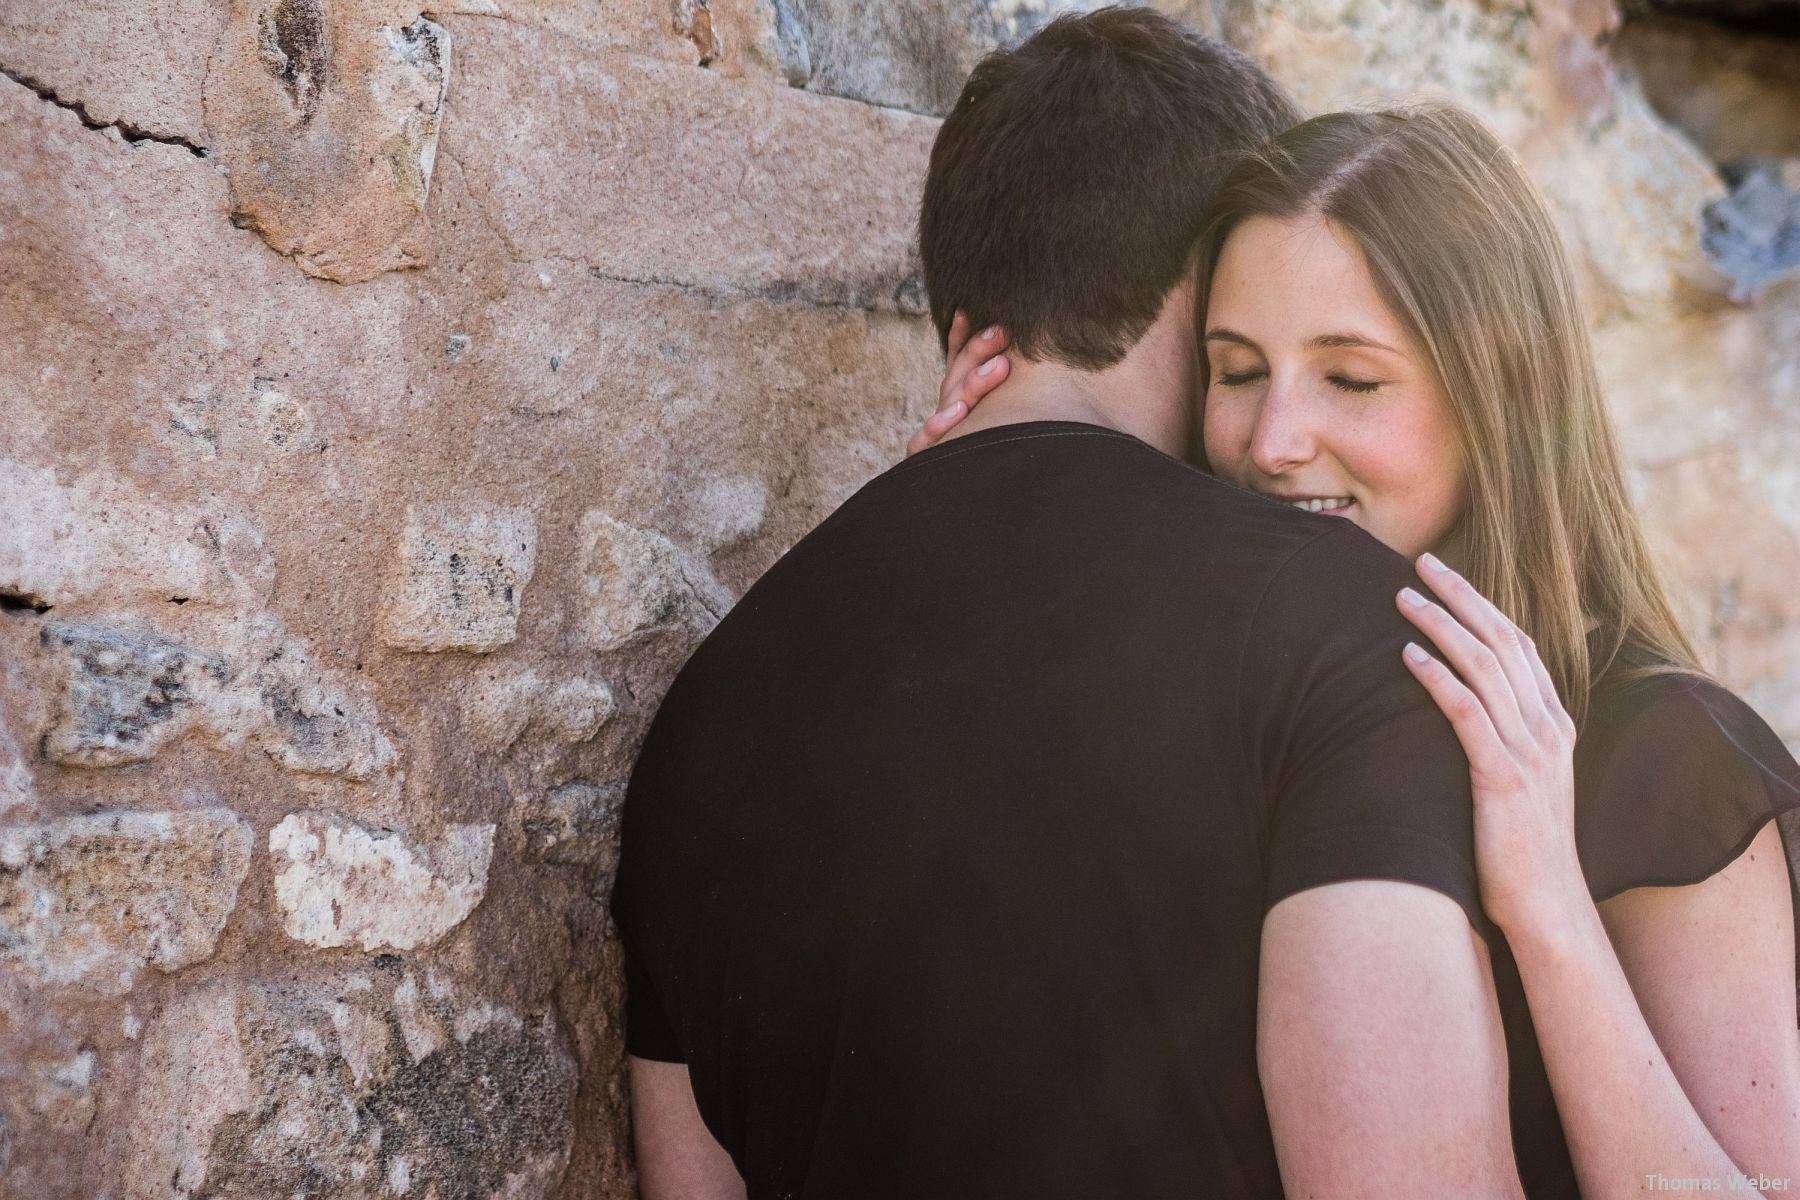 Hochzeitsfotograf Thomas Weber aus Oldenburg: Hochzeitsfotos und Paarfotos auf Mallorca (7)